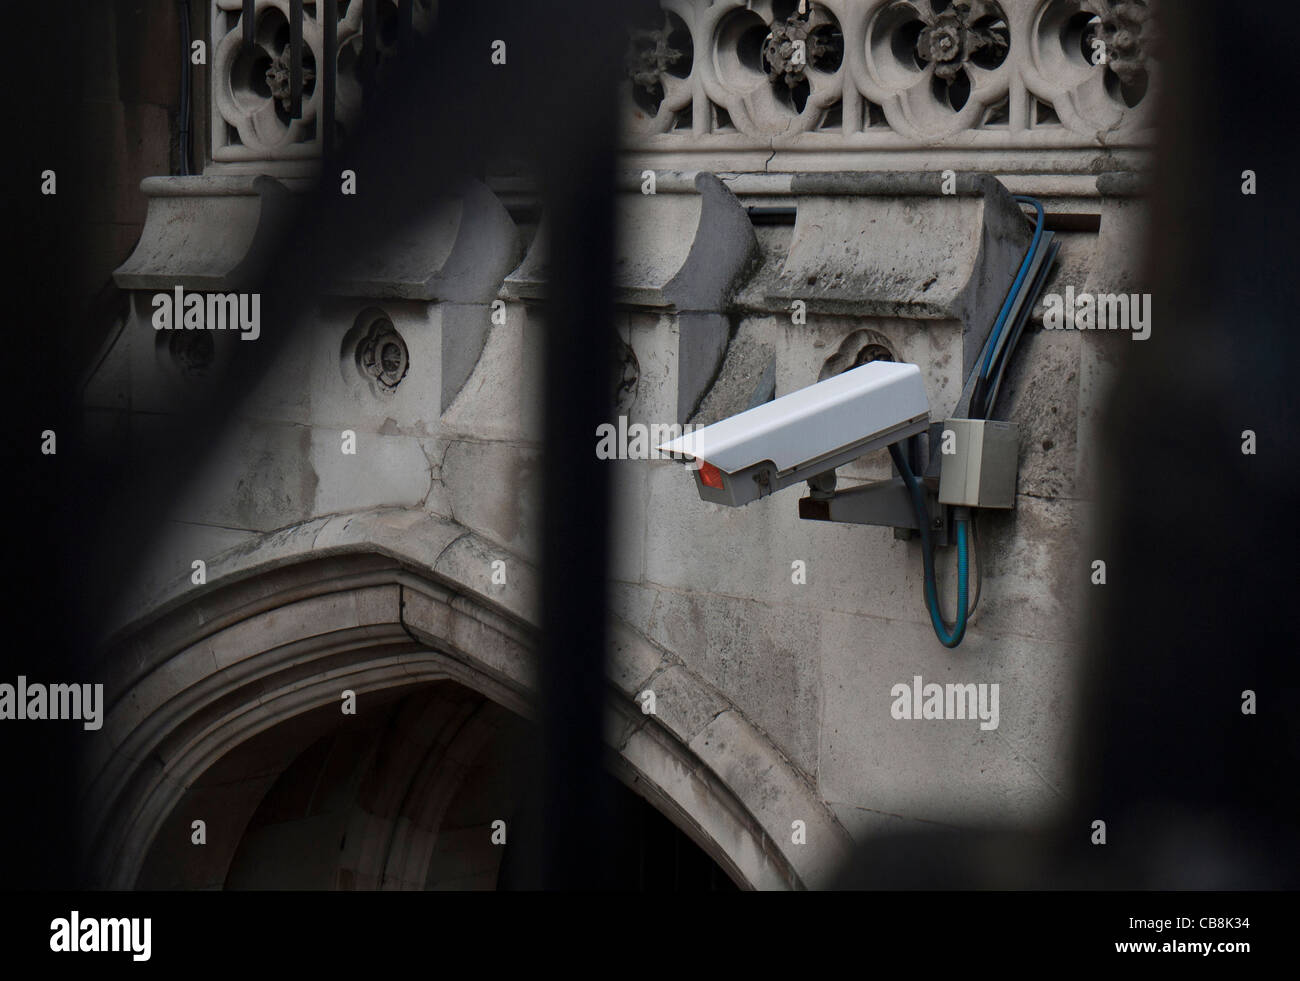 Infrarot-Überwachungskamera angebracht historisches Gebäude in London Stockbild